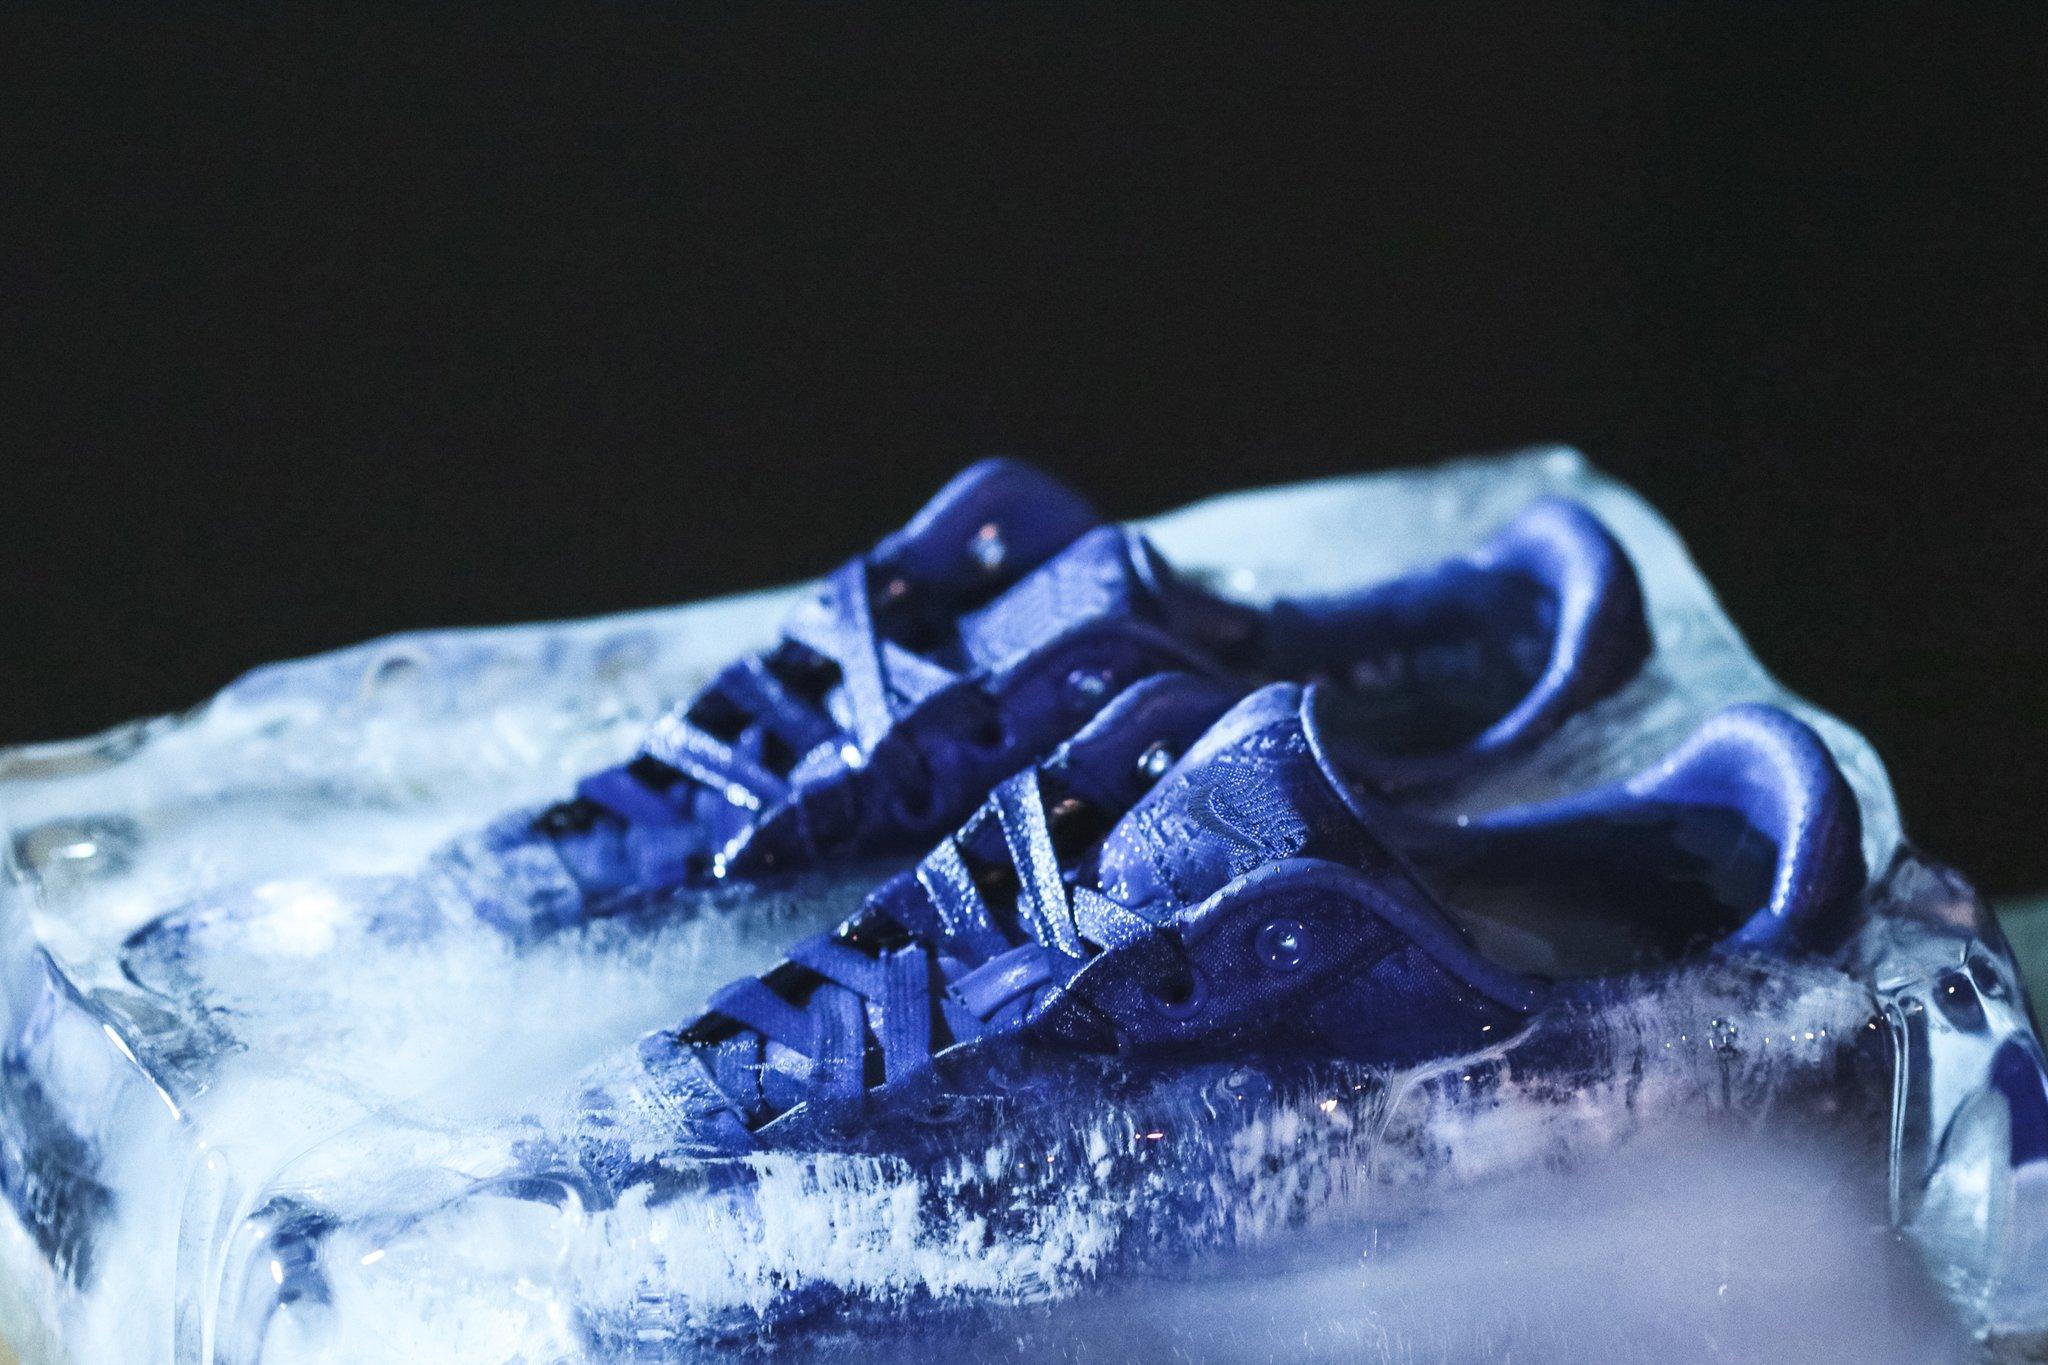 CLOT x Nike AF1 蓝丝绸发布,周杰伦、欧阳娜娜争相上脚 !